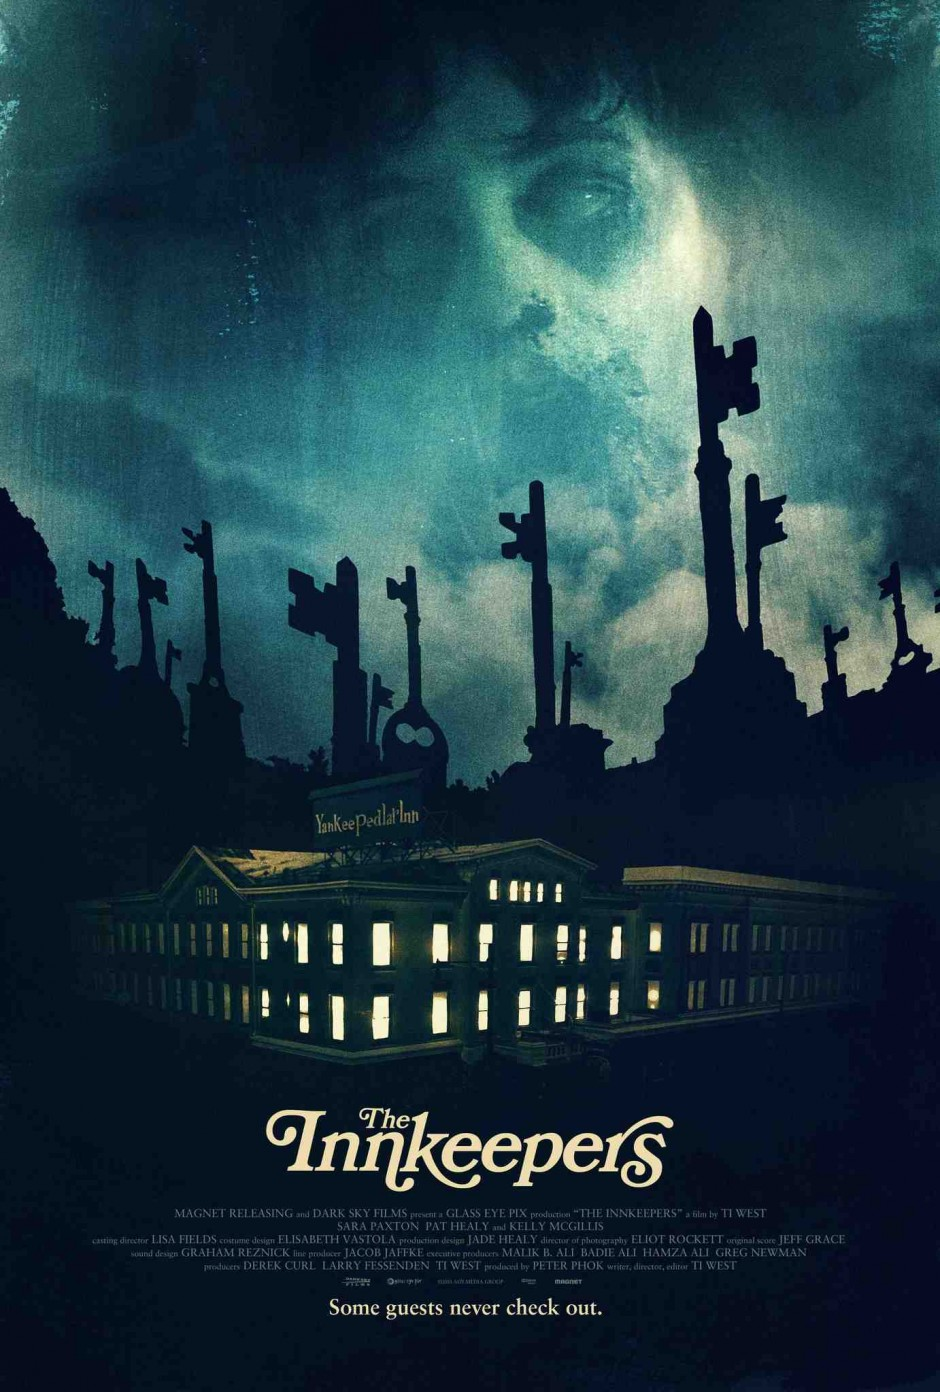 http://4.bp.blogspot.com/-Mg34tCbbNts/T9mdVQEPHlI/AAAAAAAAB2A/Ggp2BLI8t-A/s1600/Poster.jpeg